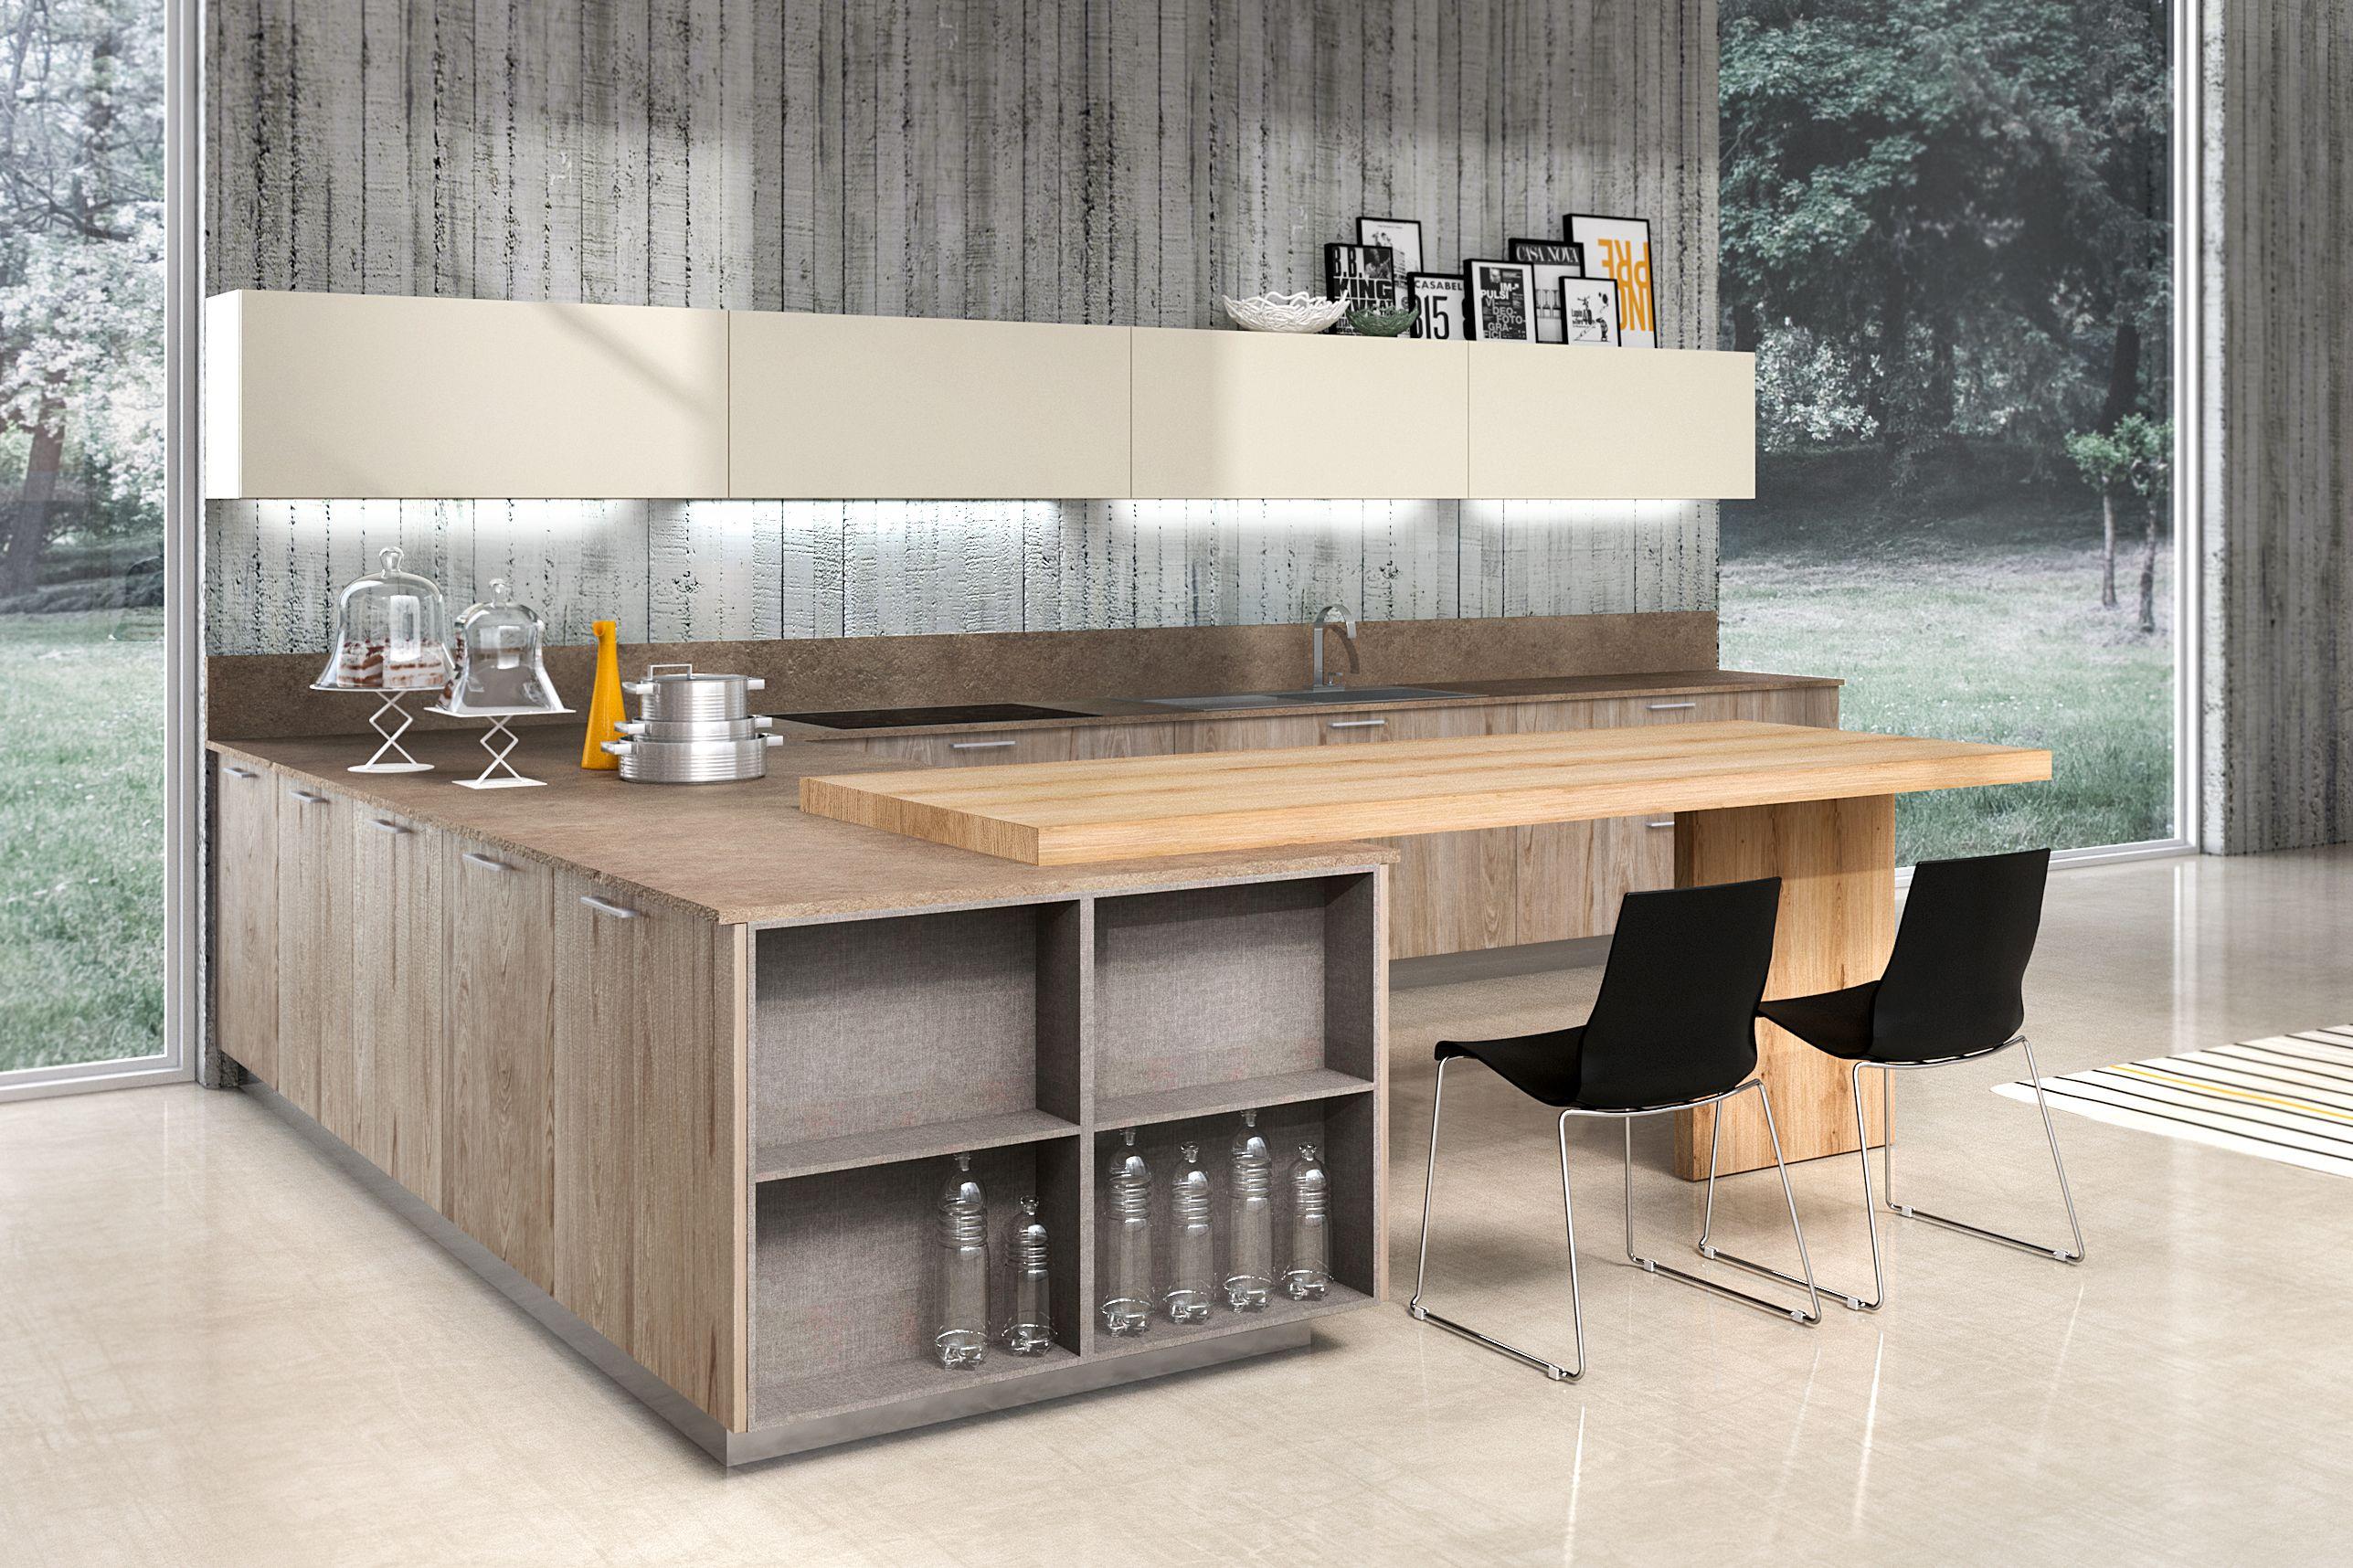 Armony Cucine Model Ypsilon Available Through Reed Interiors Diseno De Cocina Diseno Cocinas Modernas Disenos De Unas